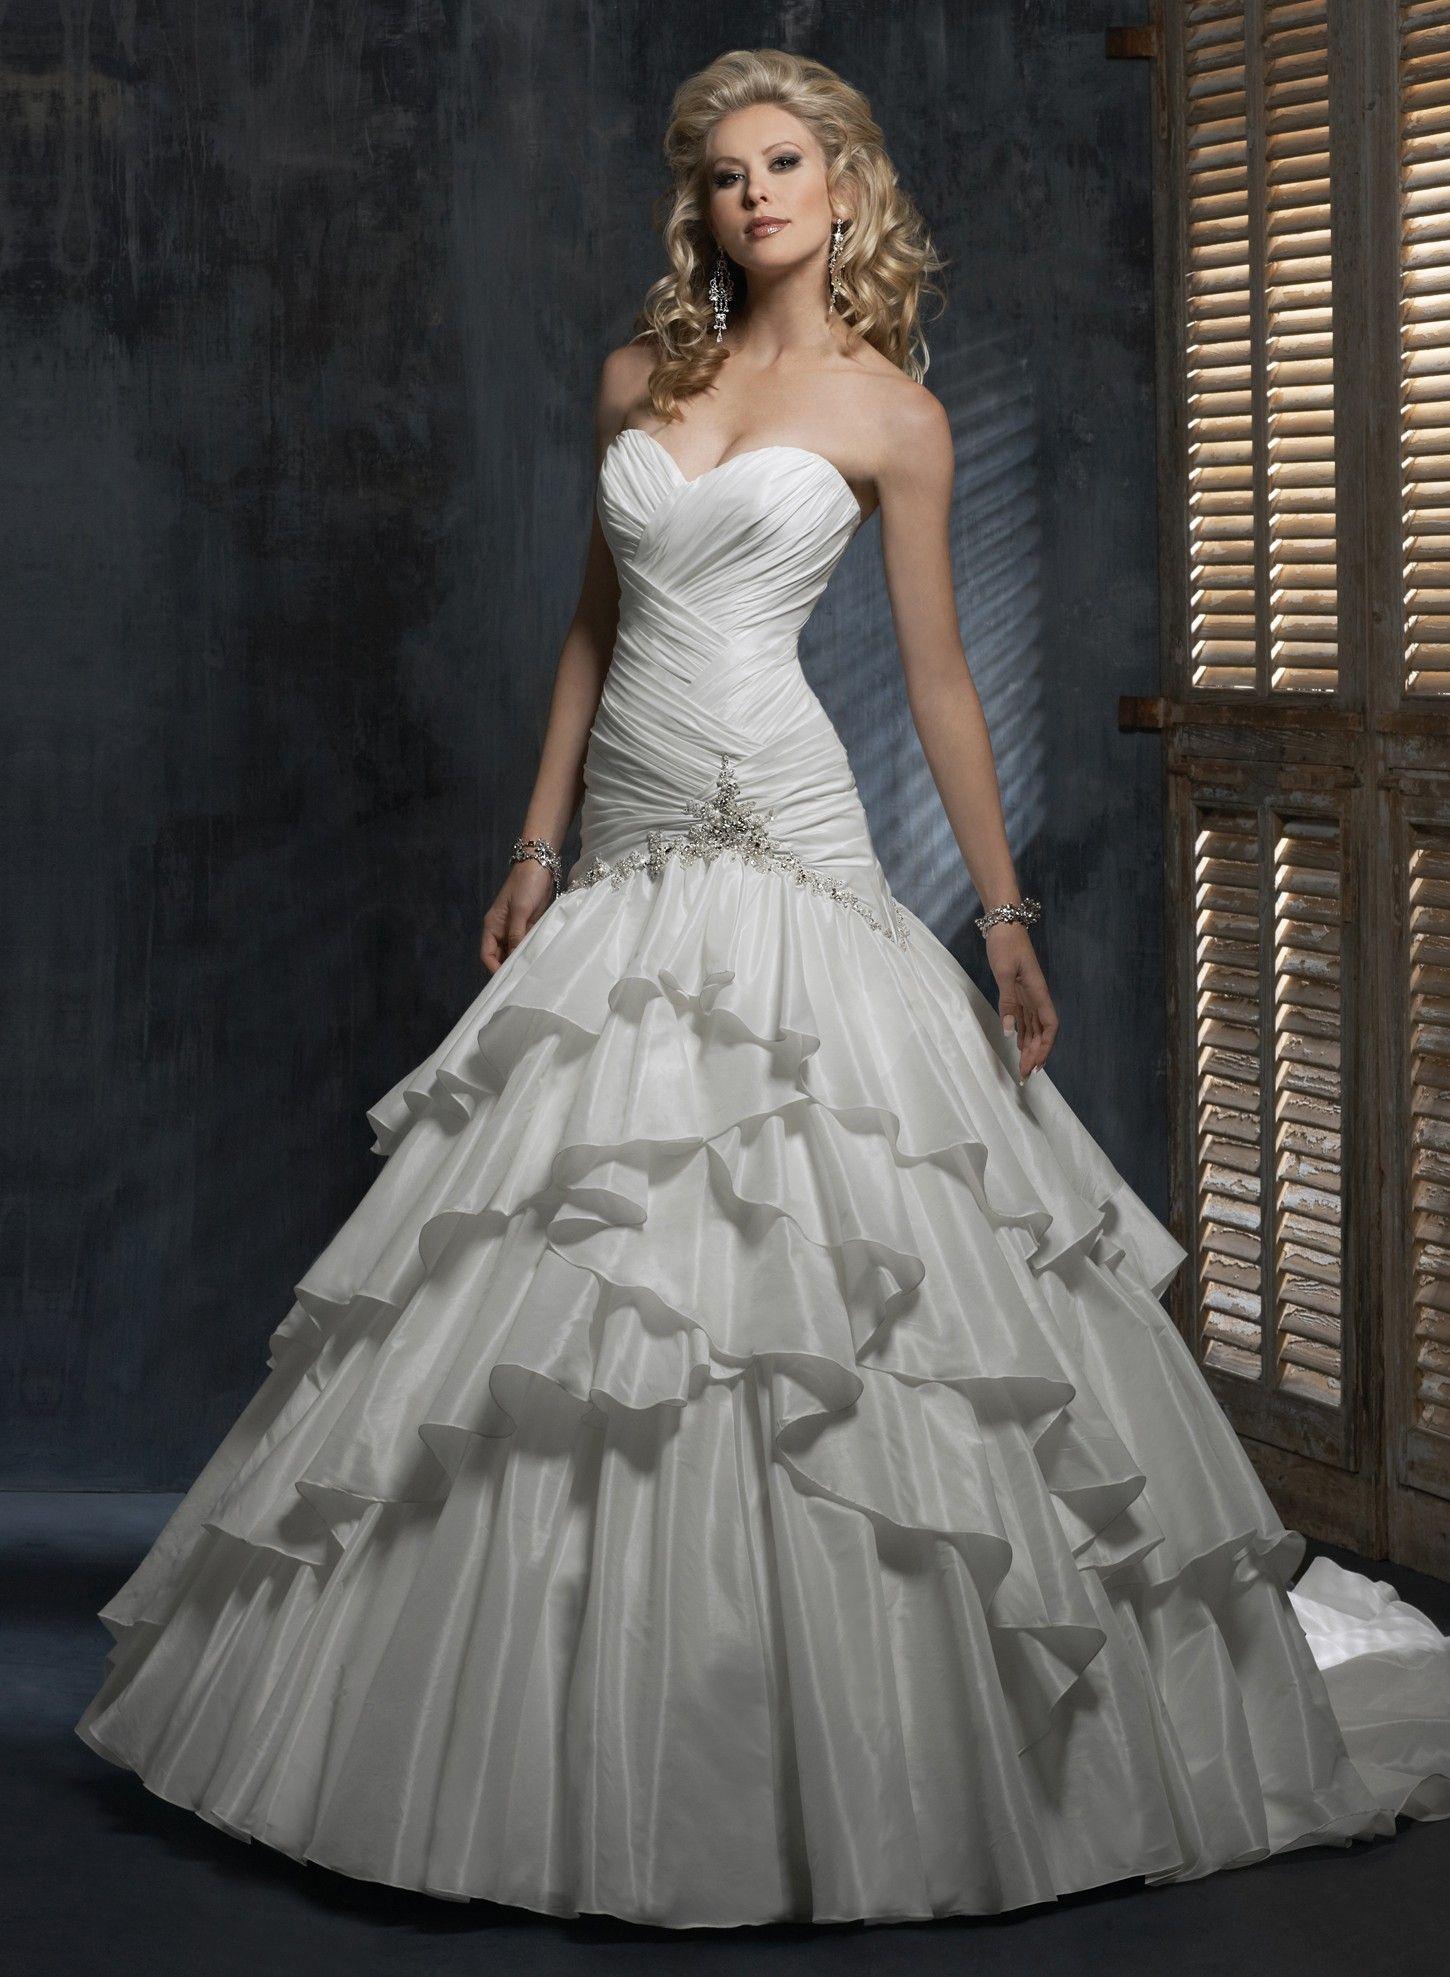 sweetheart neckline wedding dress Bordeaux Taffeta Strapless Sweetheart Neckline A line Wedding Dress